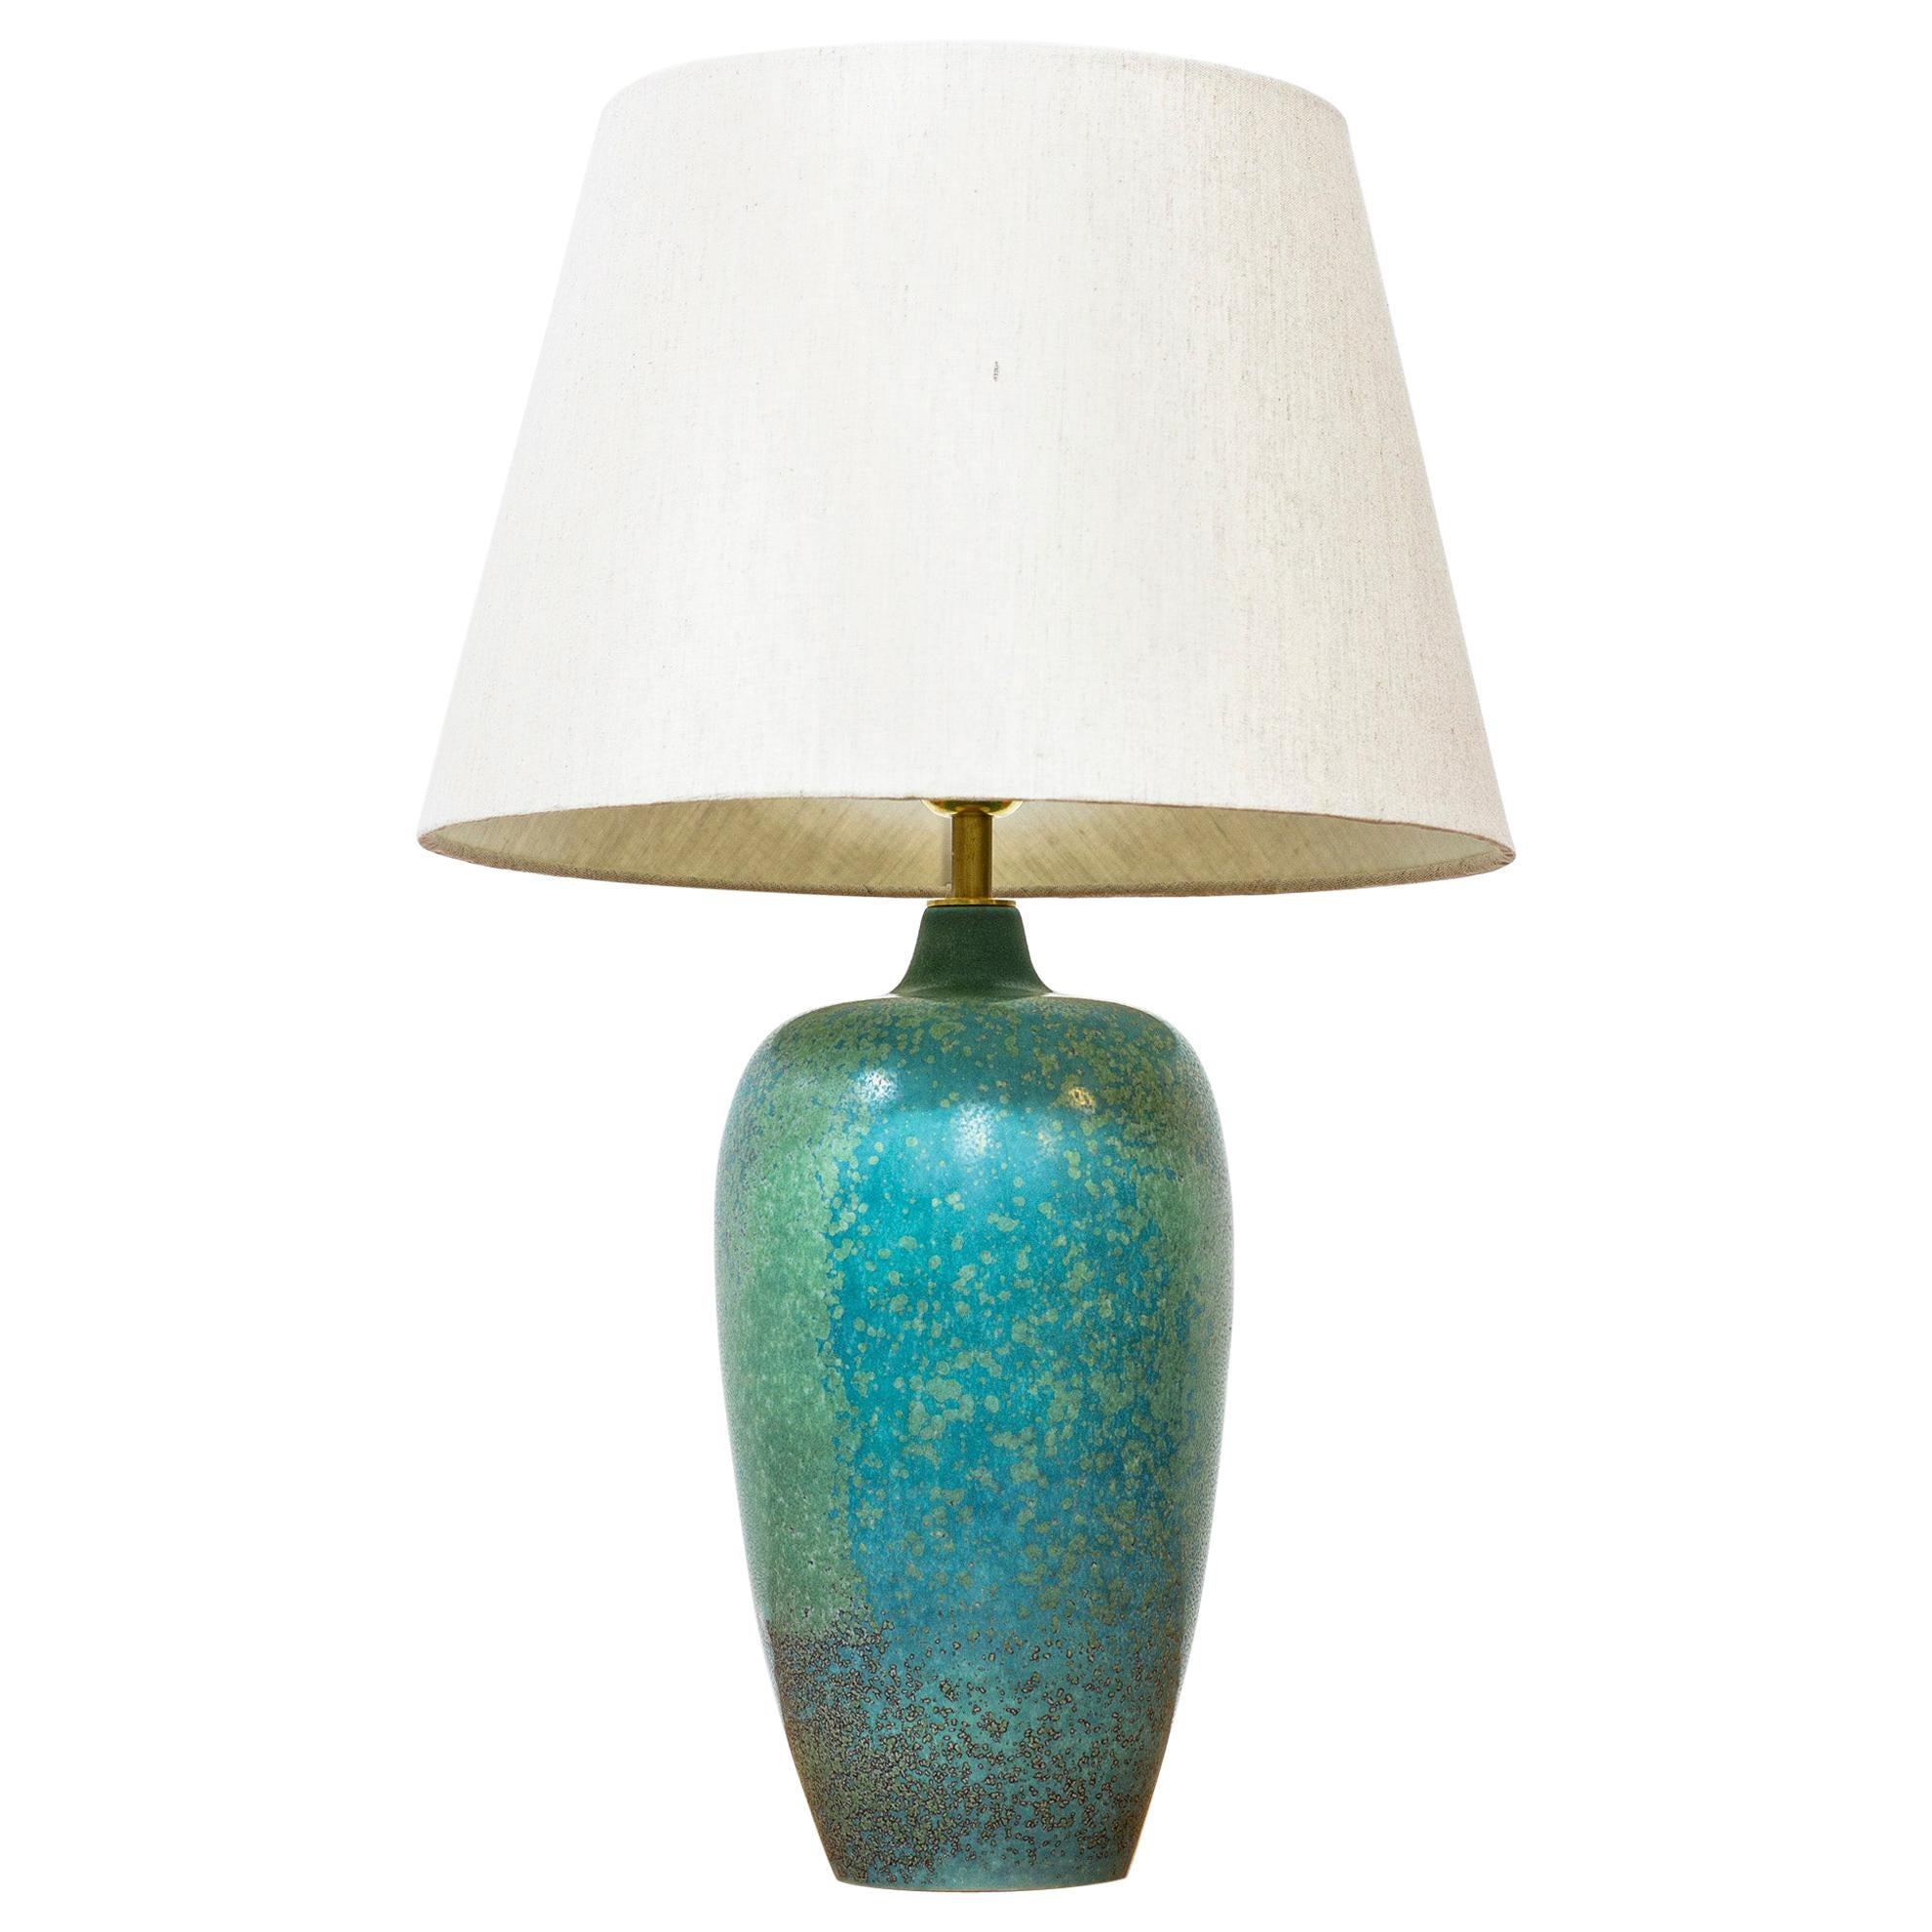 Table Lamp by Carl-Harry Stålhane for Rörstrand, Sweden, 1950s